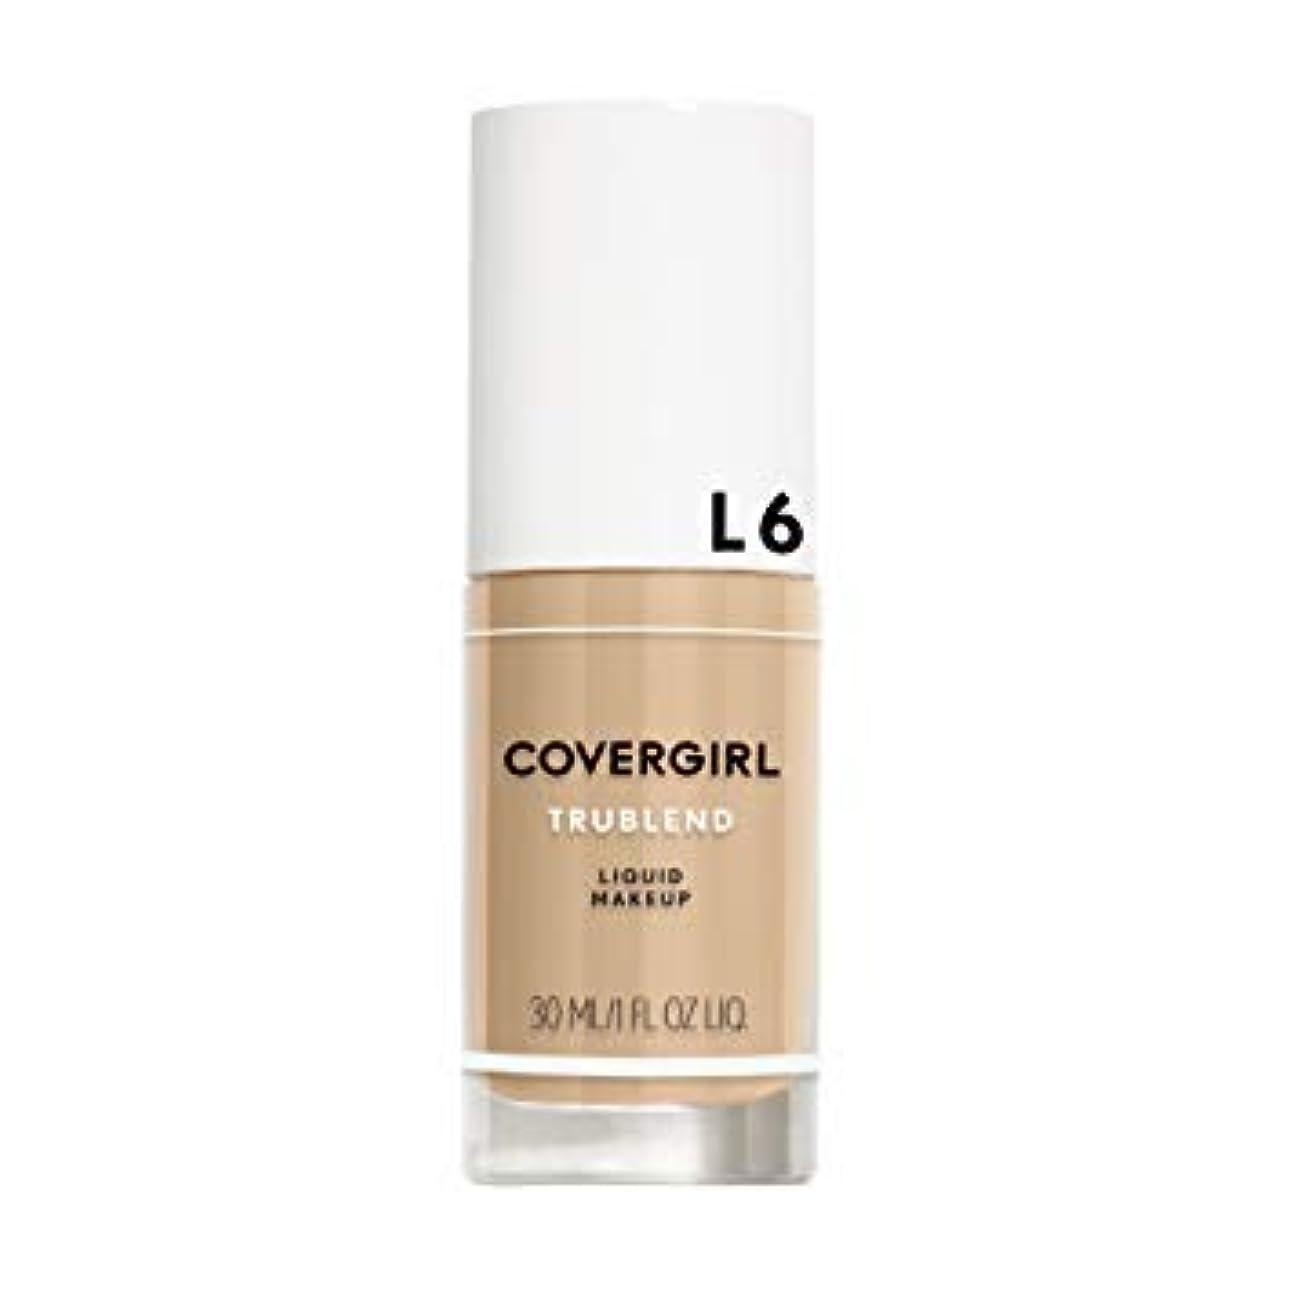 パック控えめな通知する(3 Pack) COVERGIRL TruBlend Liquid Makeup - Buff Beige L6 (並行輸入品)